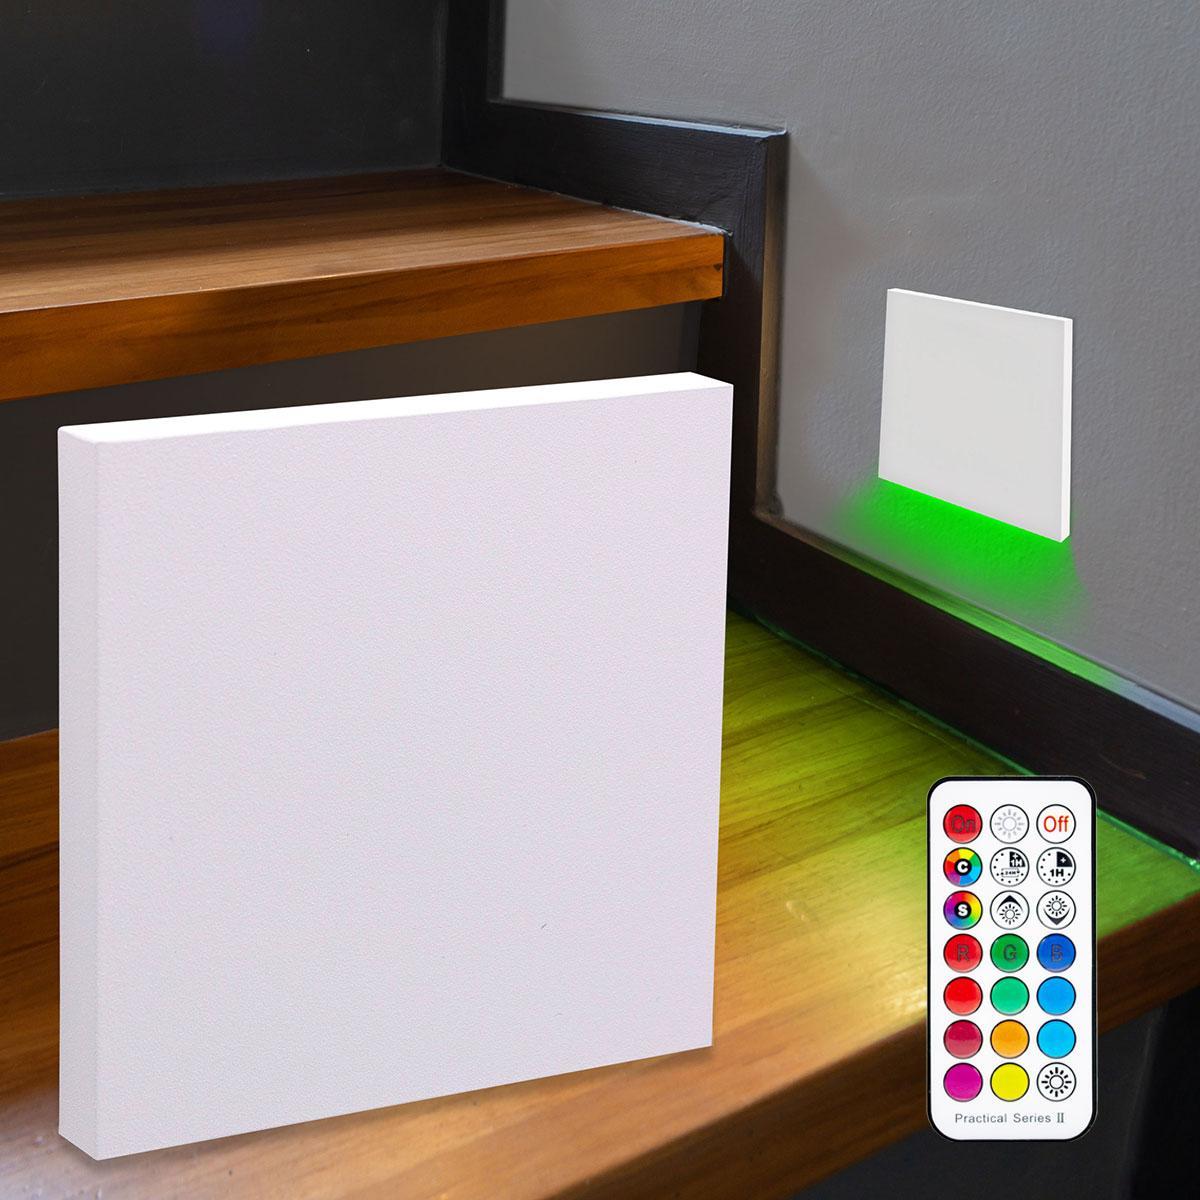 LED Treppenbeleuchtung Wandeinbauleuchte RGB+Warmweiß 230V 3W weiß Lichtaustritt unten